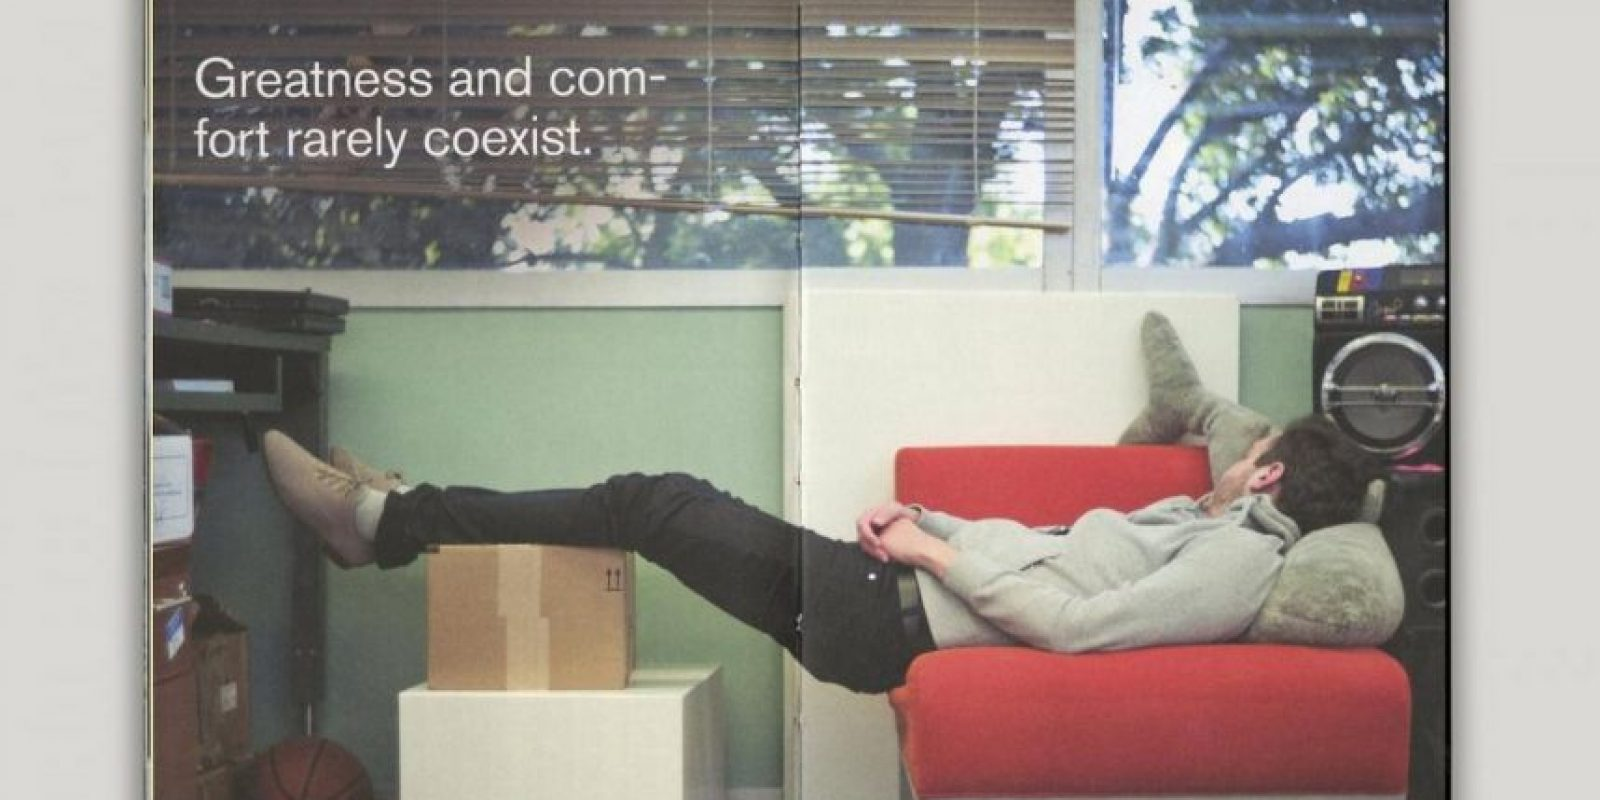 Grandeza y confort raramente coexisten. Foto:officeofbenbarry.com